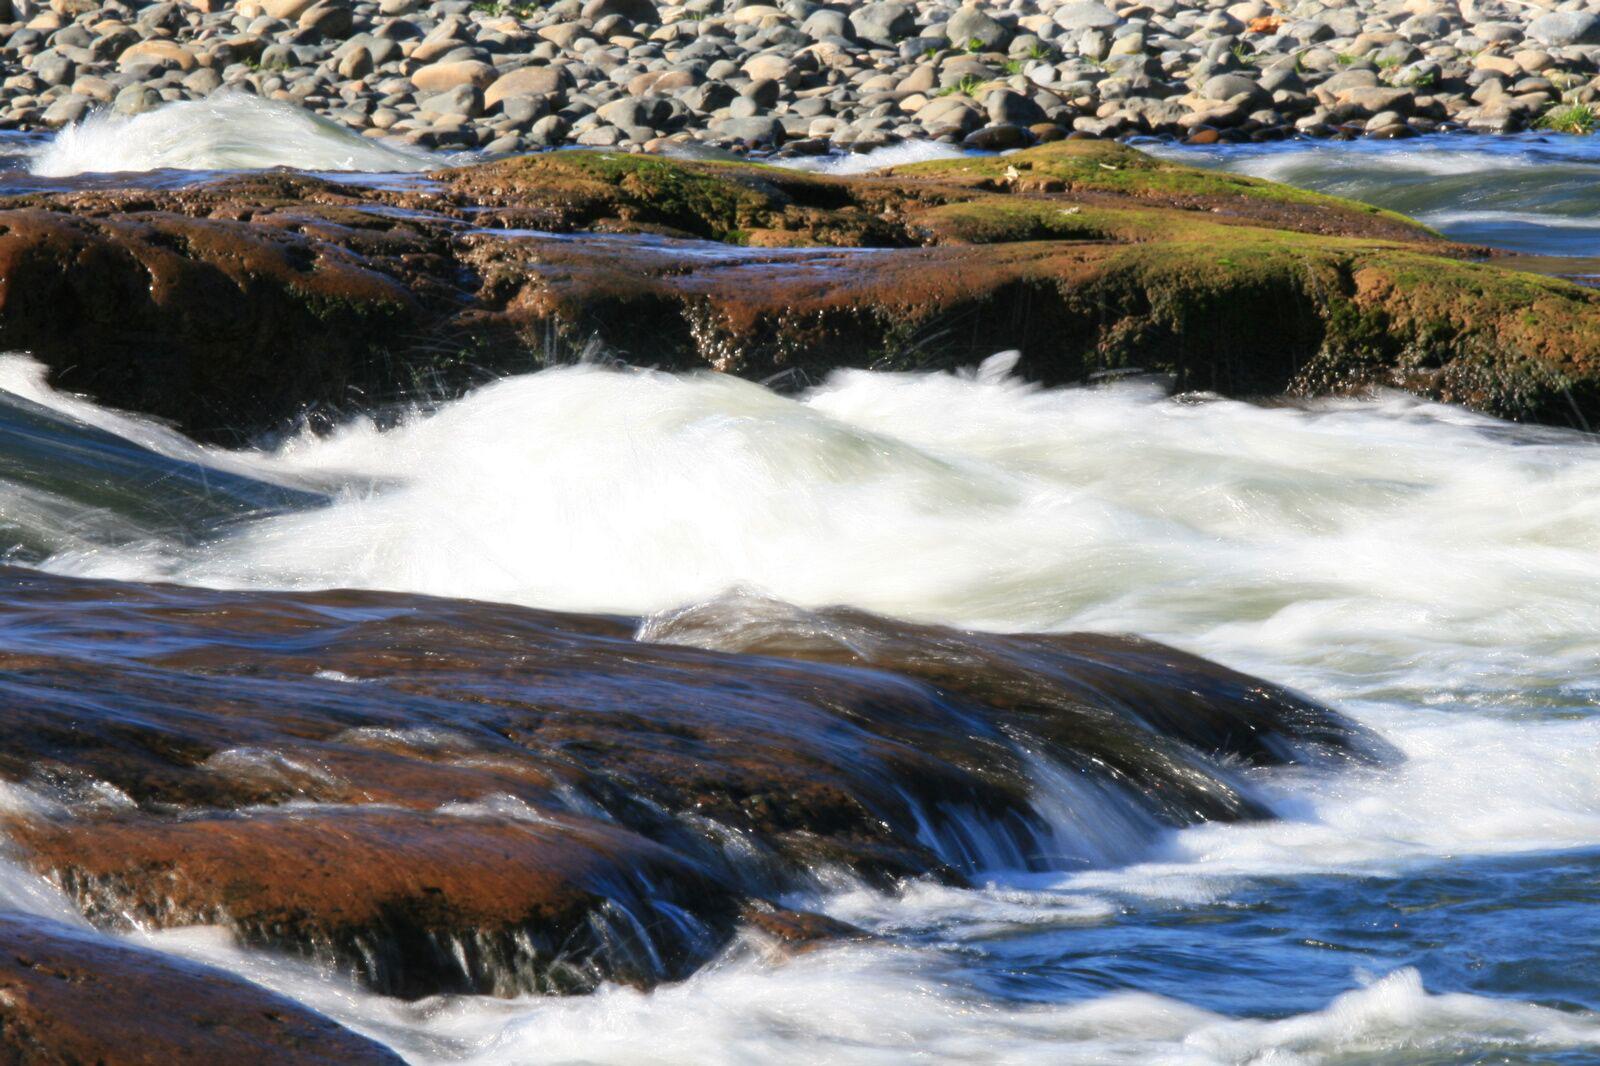 American River rapids